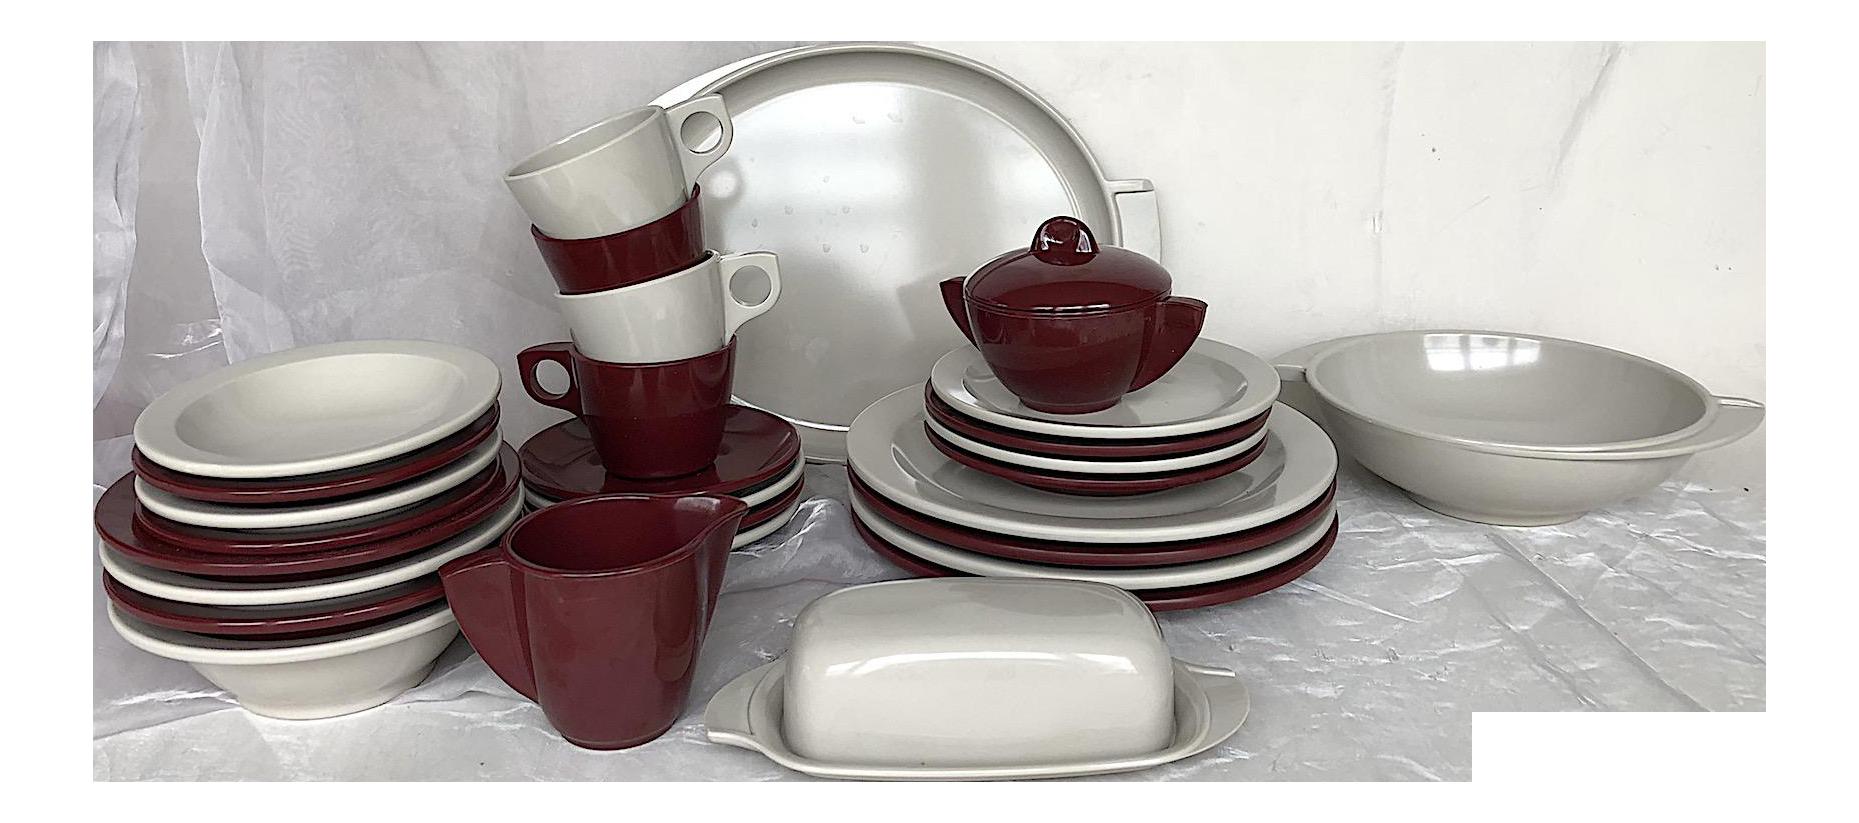 Vintage Boontonware Melmac Melamine Dinnerware Set - 31 Pc.  sc 1 st  Chairish & Vintage Boontonware Melmac Melamine Dinnerware Set - 31 Pc. | Chairish